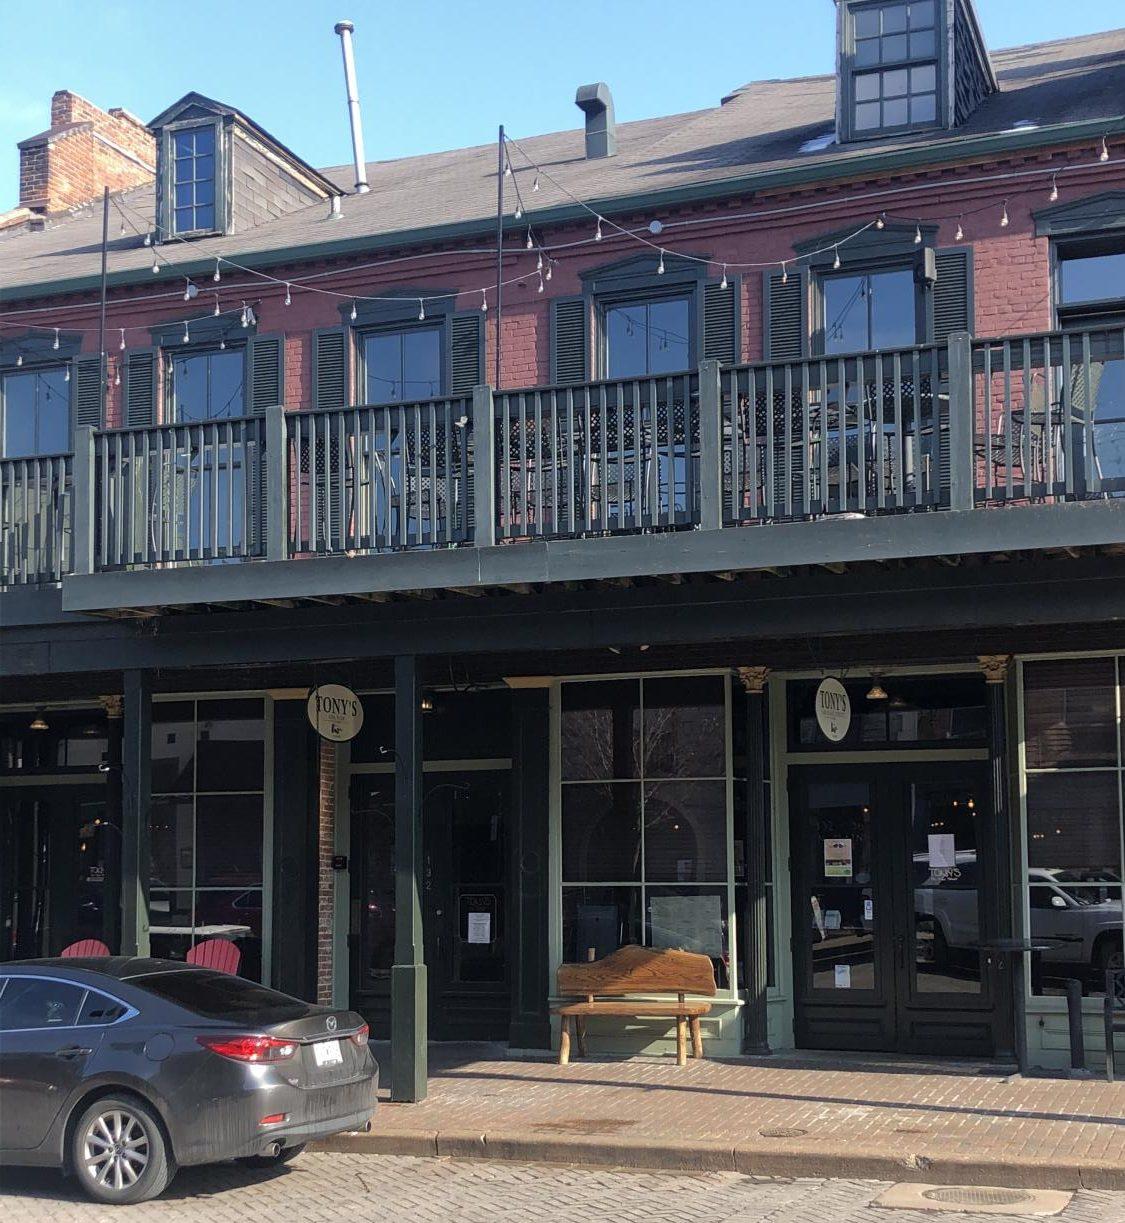 Tony's on Main, a restaurant on North Main Street.